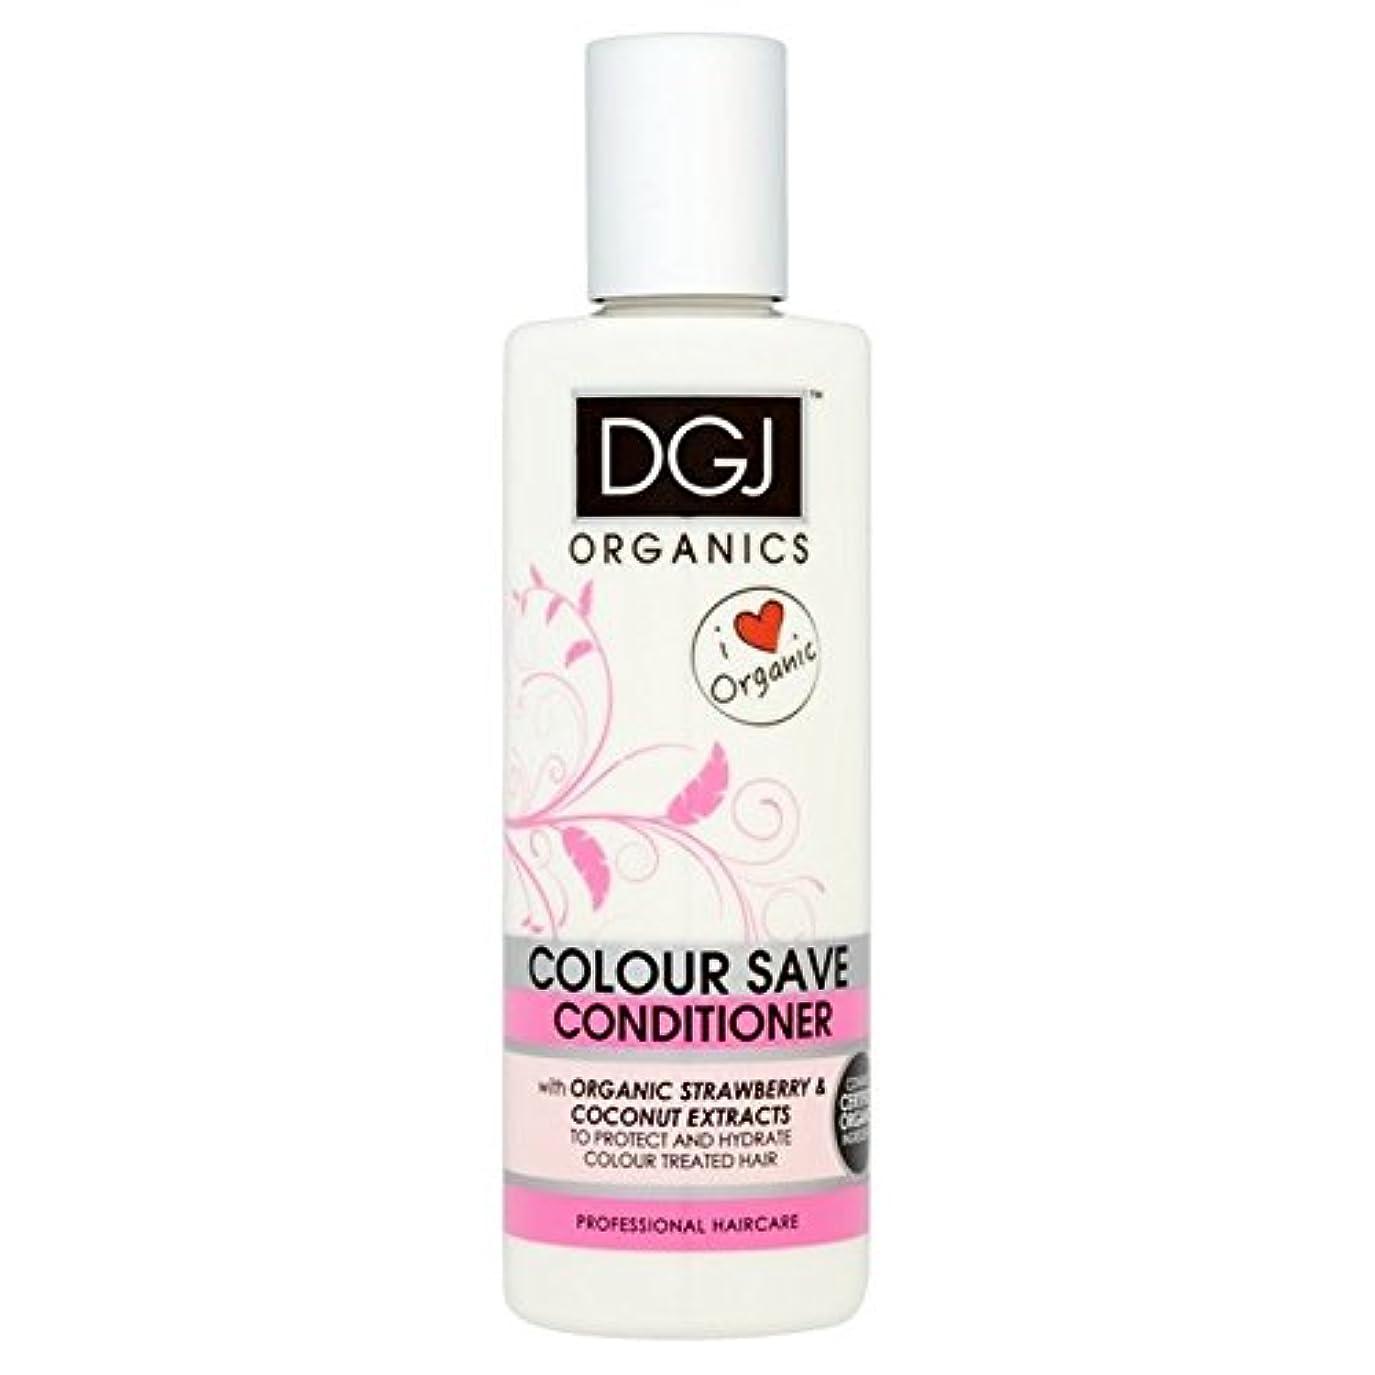 節約する無傷大いにDGJ Organics Colour Save Conditioner 250ml (Pack of 6) - 有機物の色コンディショナー250を保存 x6 [並行輸入品]